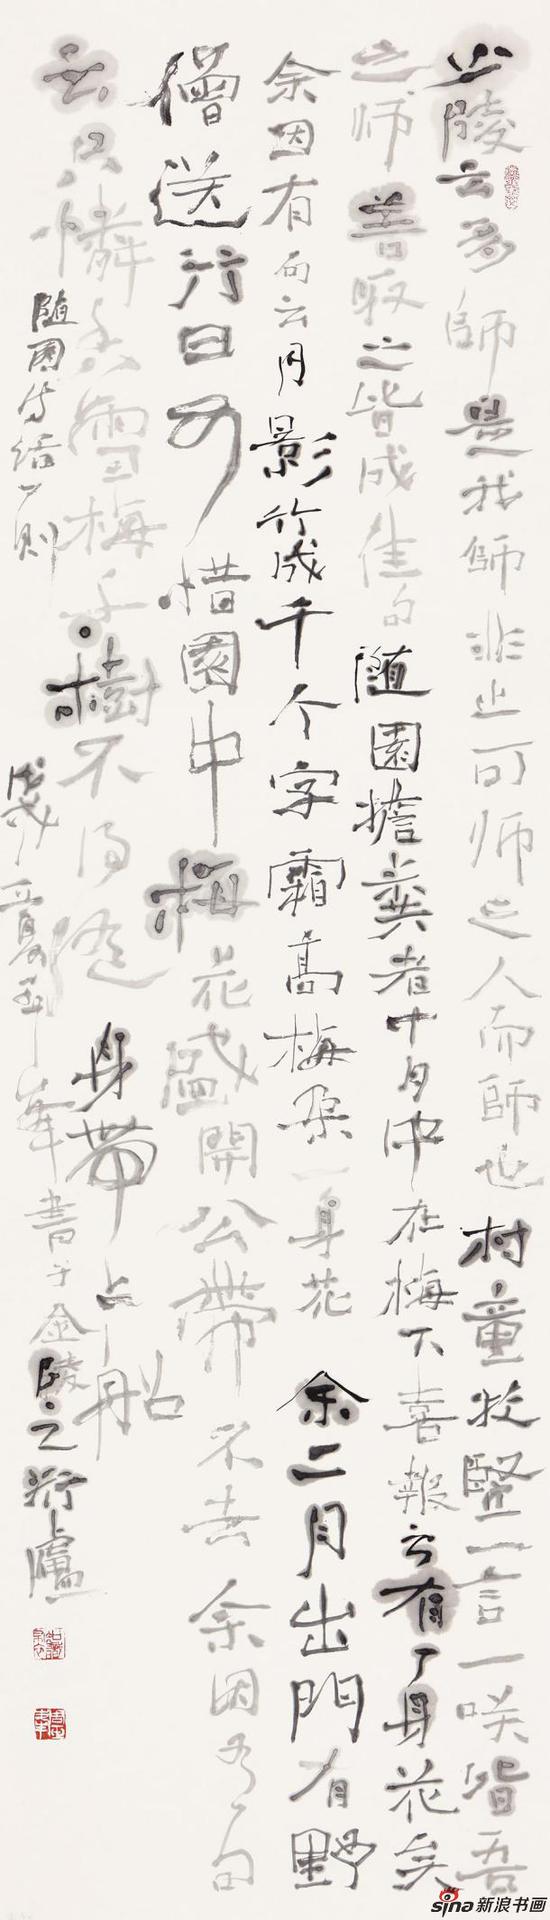 周玉峰 随园诗话 180×50cm 2018 纸本水墨